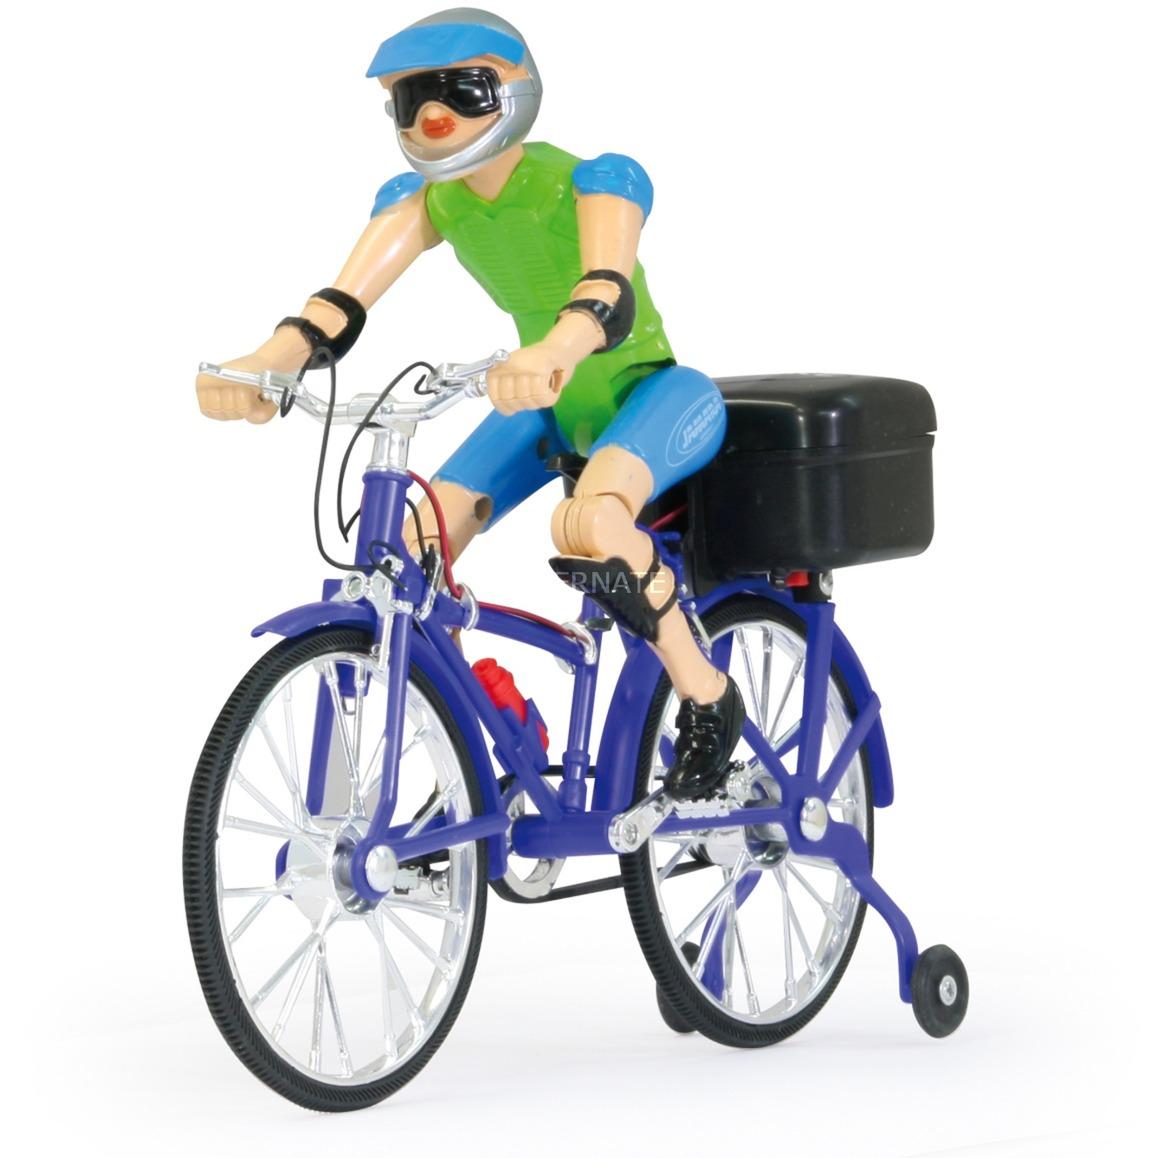 402090 figura de juguete para niños, Radiocontrol